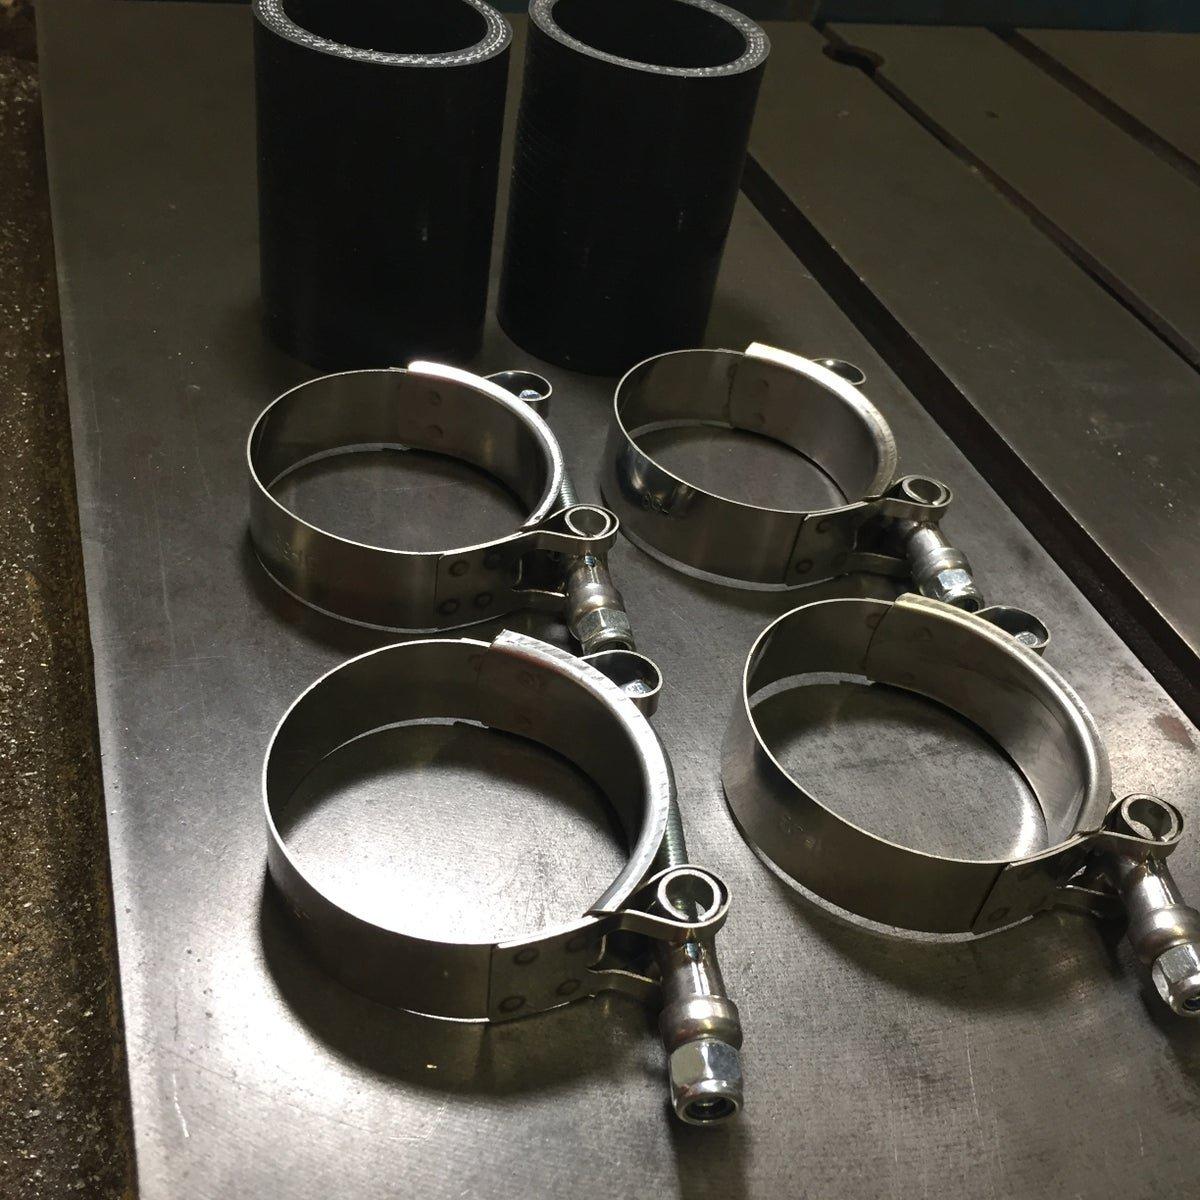 6.0 Powerstroke Stainless Steel Radiator Tube